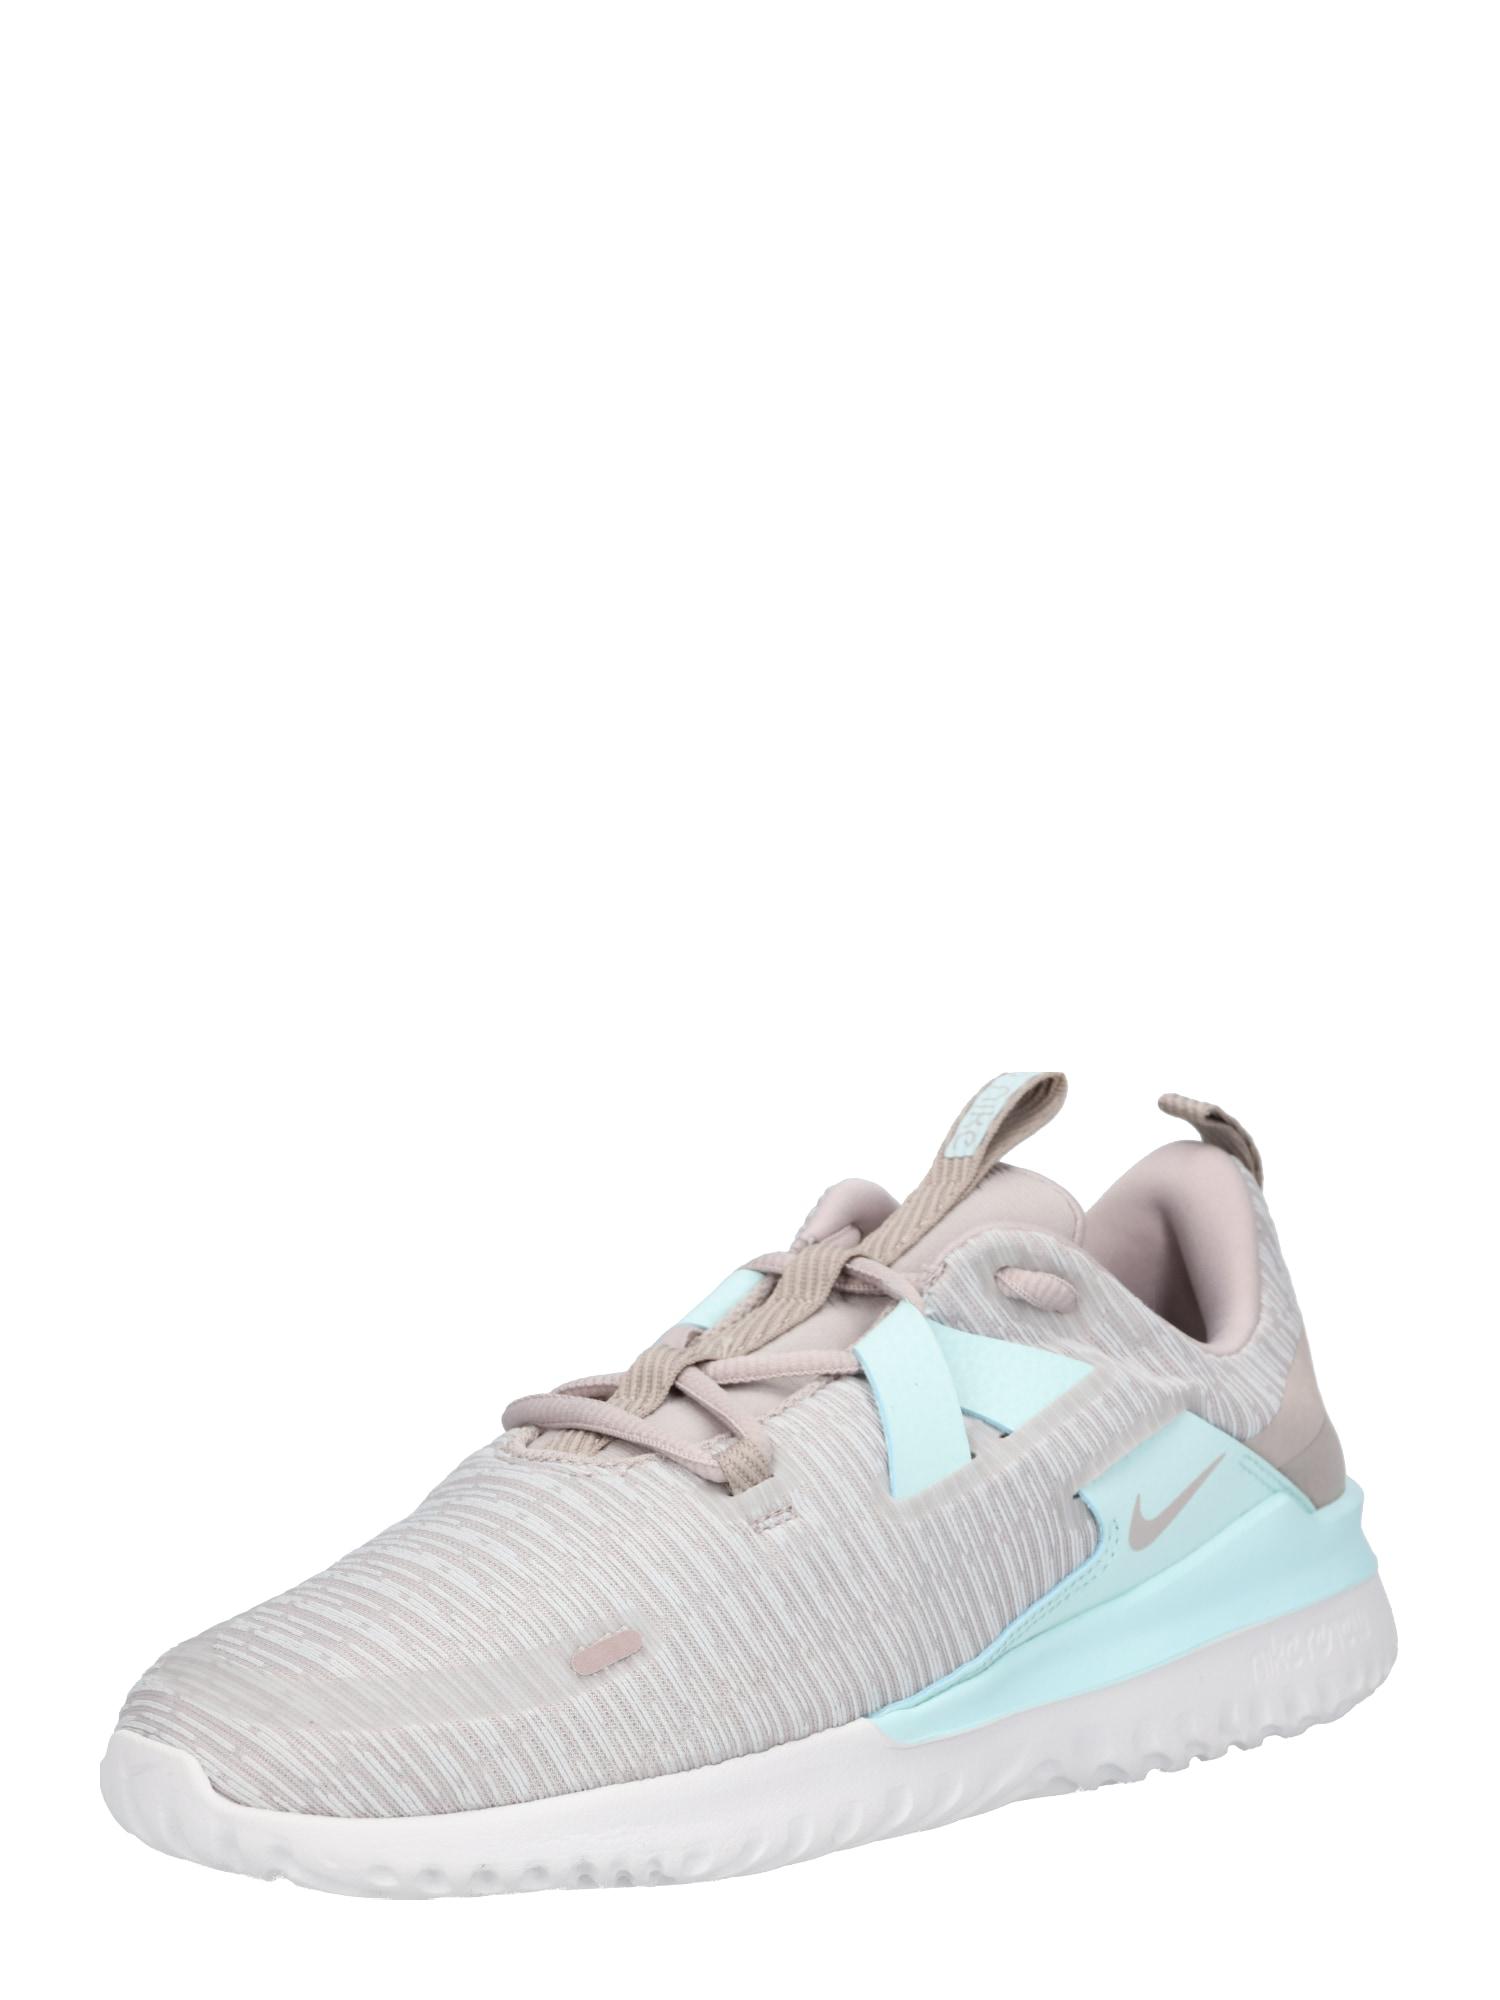 Běžecká obuv Nike Renew Arena béžová tyrkysová NIKE